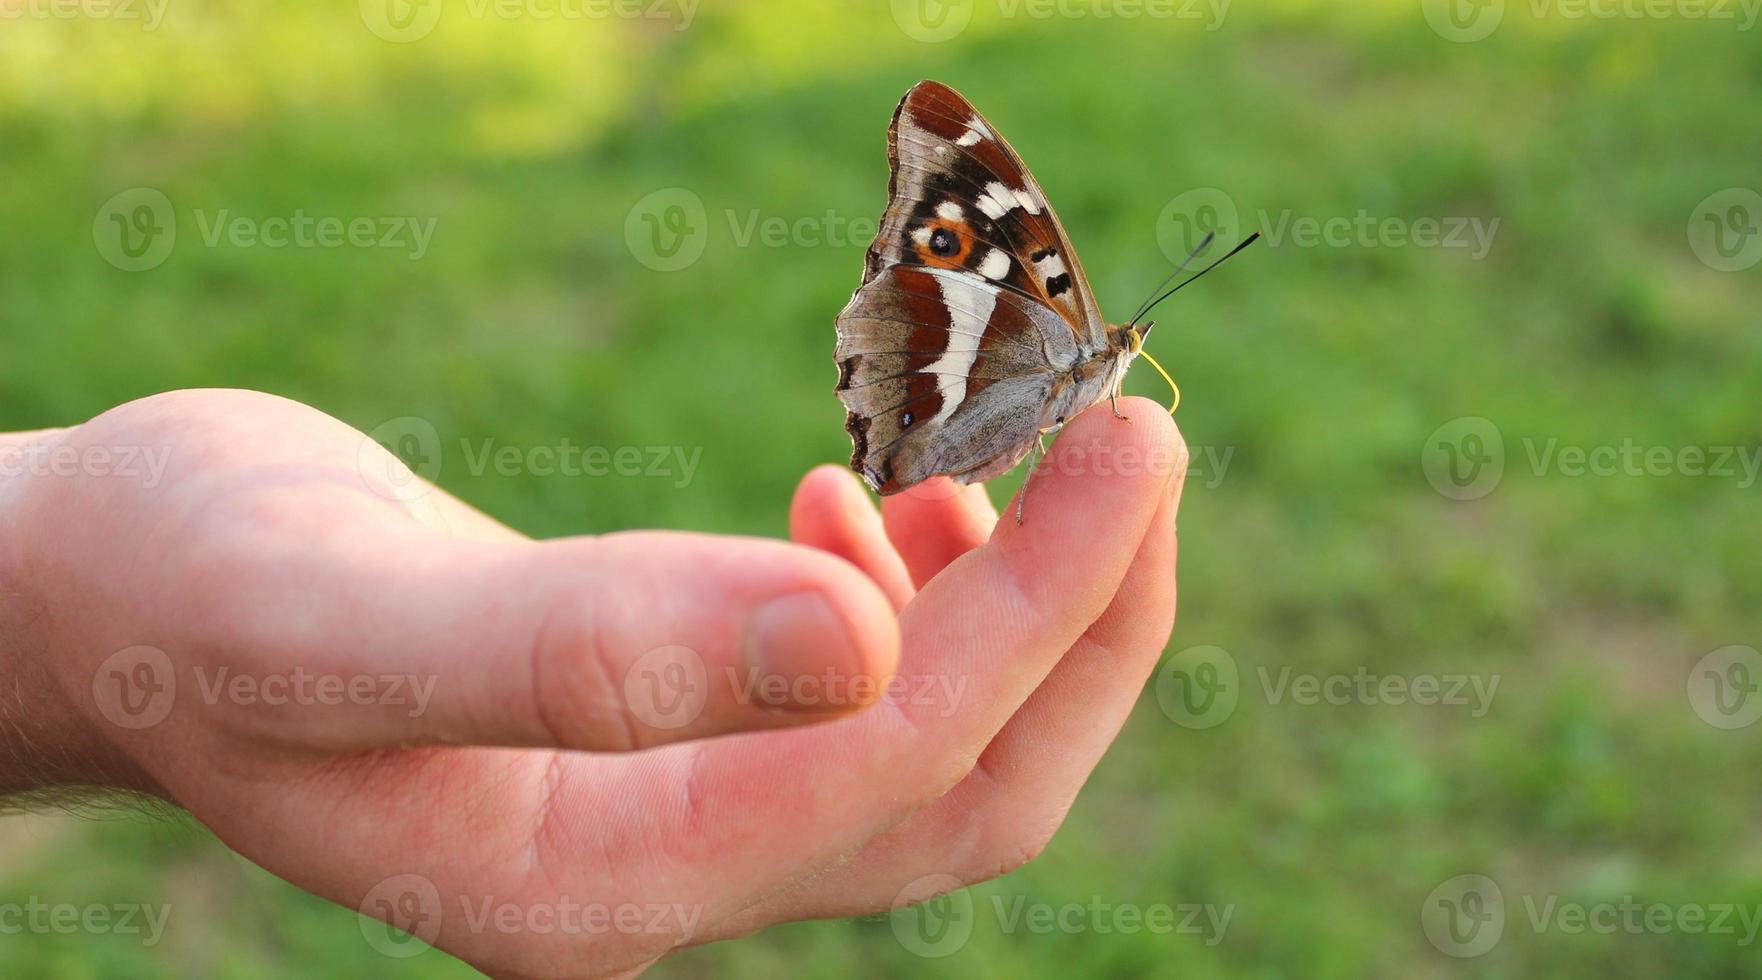 farfalla sul dito foto